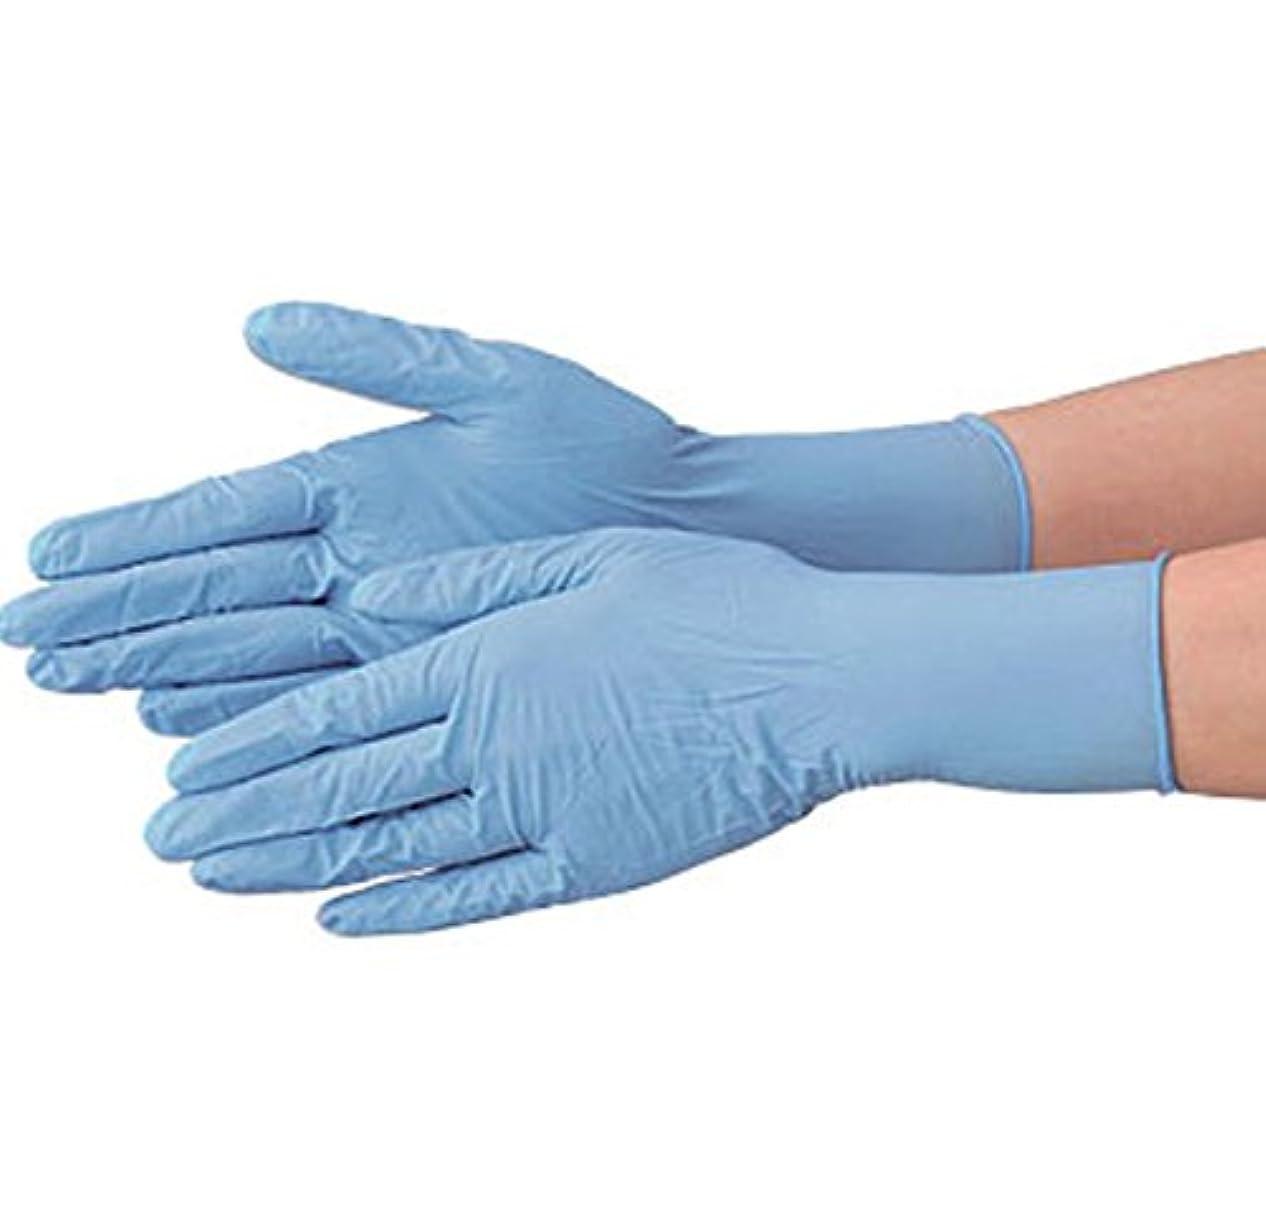 はがきためらう眠り使い捨て 手袋 エブノ 526 ディスポニトリル パウダーフリー ホワイト Mサイズ 2ケース(100枚×40箱)